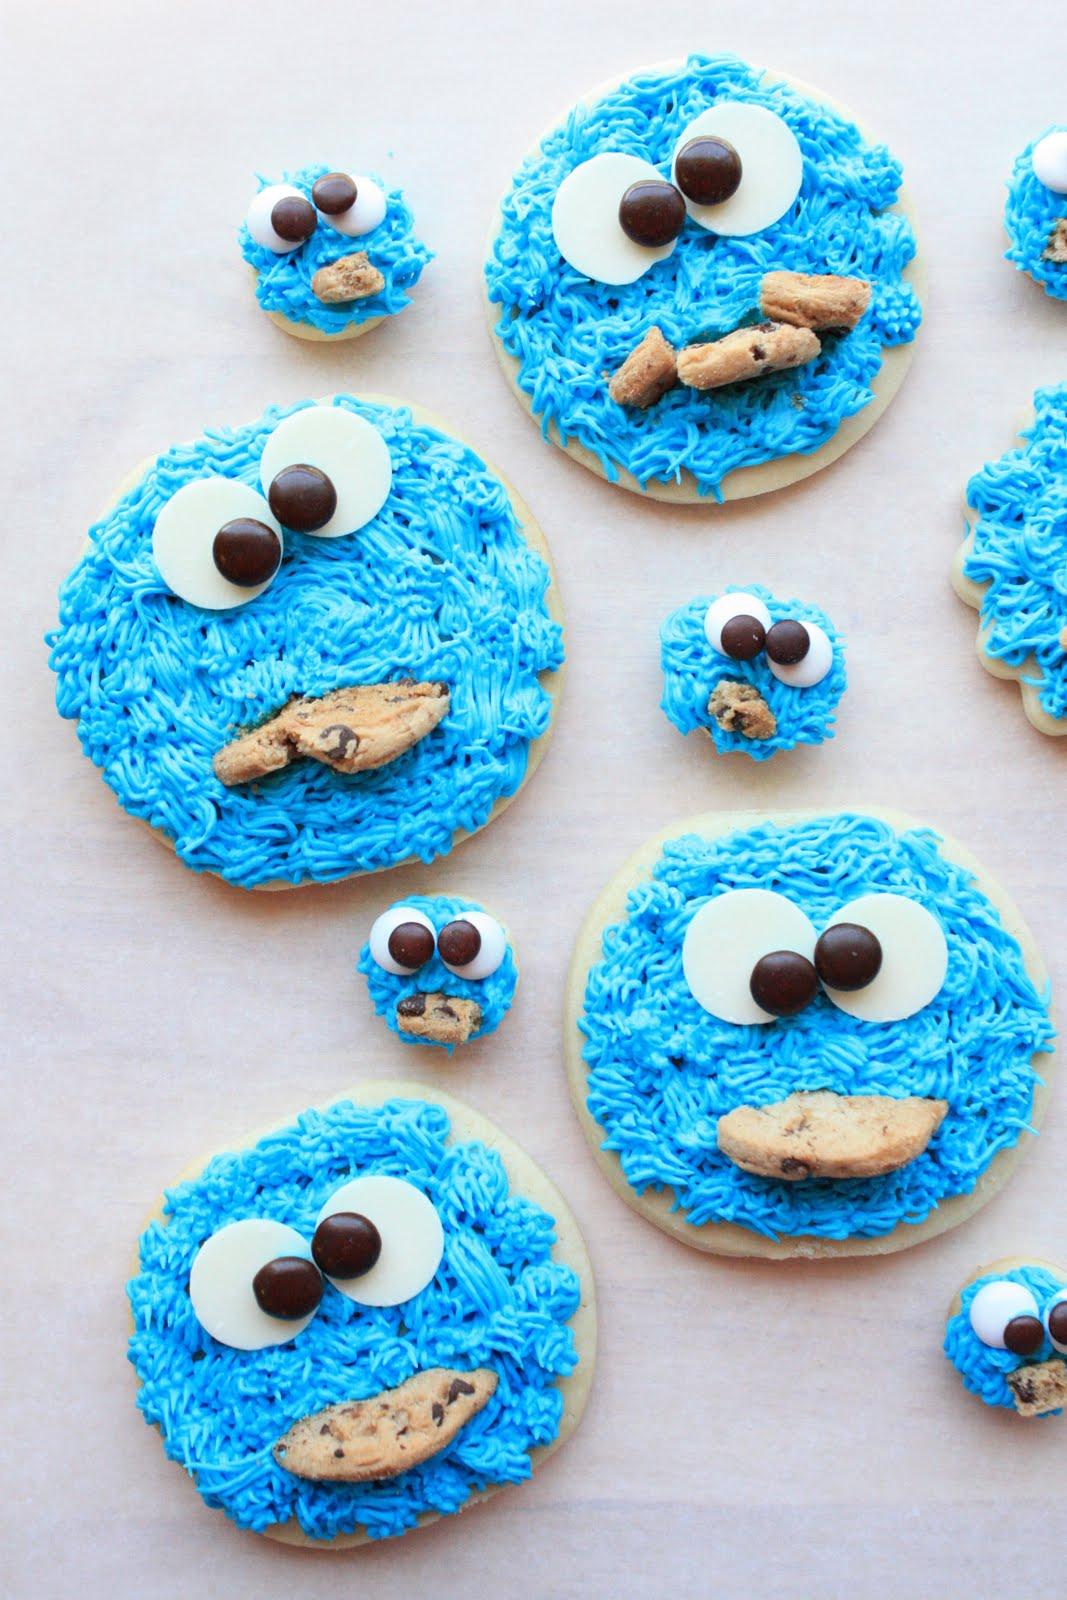 COOKIES,ICE CREAM,CAKE,AND LIL' DEBBIES :D edit: TWINKIES TO Cookie%20Monster%20Cookies%20014